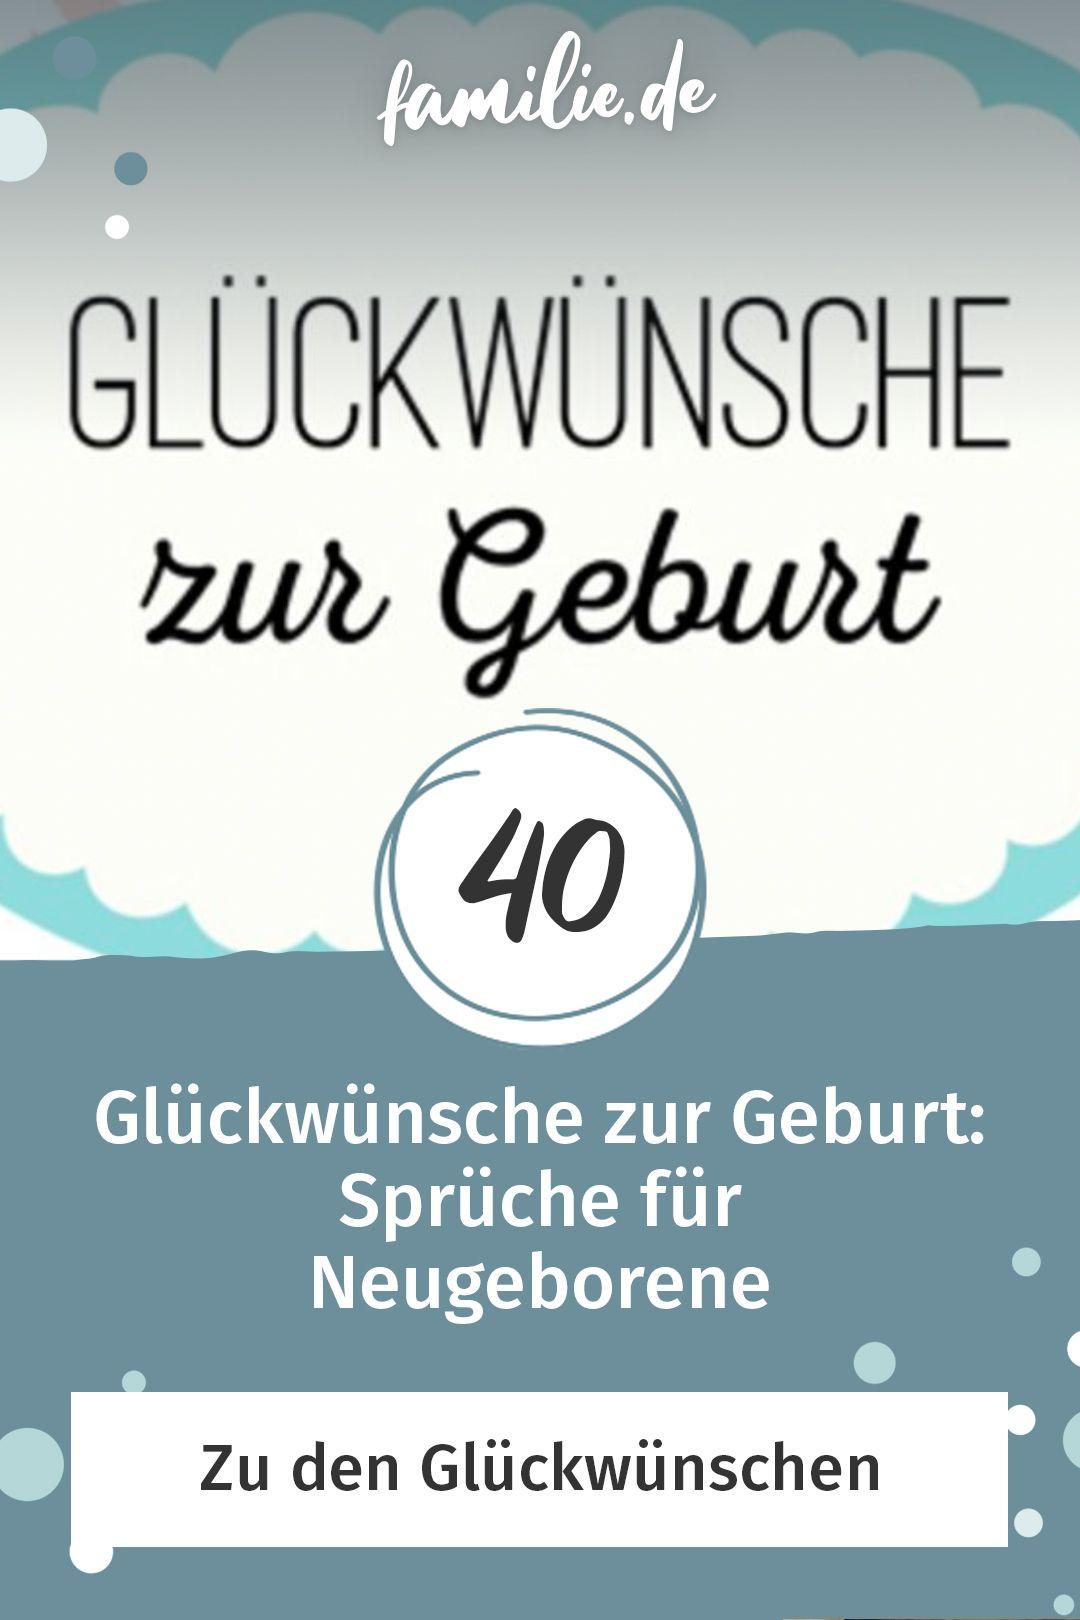 Gluckwunsche Zur Geburt 40 Spruche Fur Neugeborene In 2020 Spruche Zur Geburt Gluckwunsche Zur Geburt Wunsche Zur Geburt